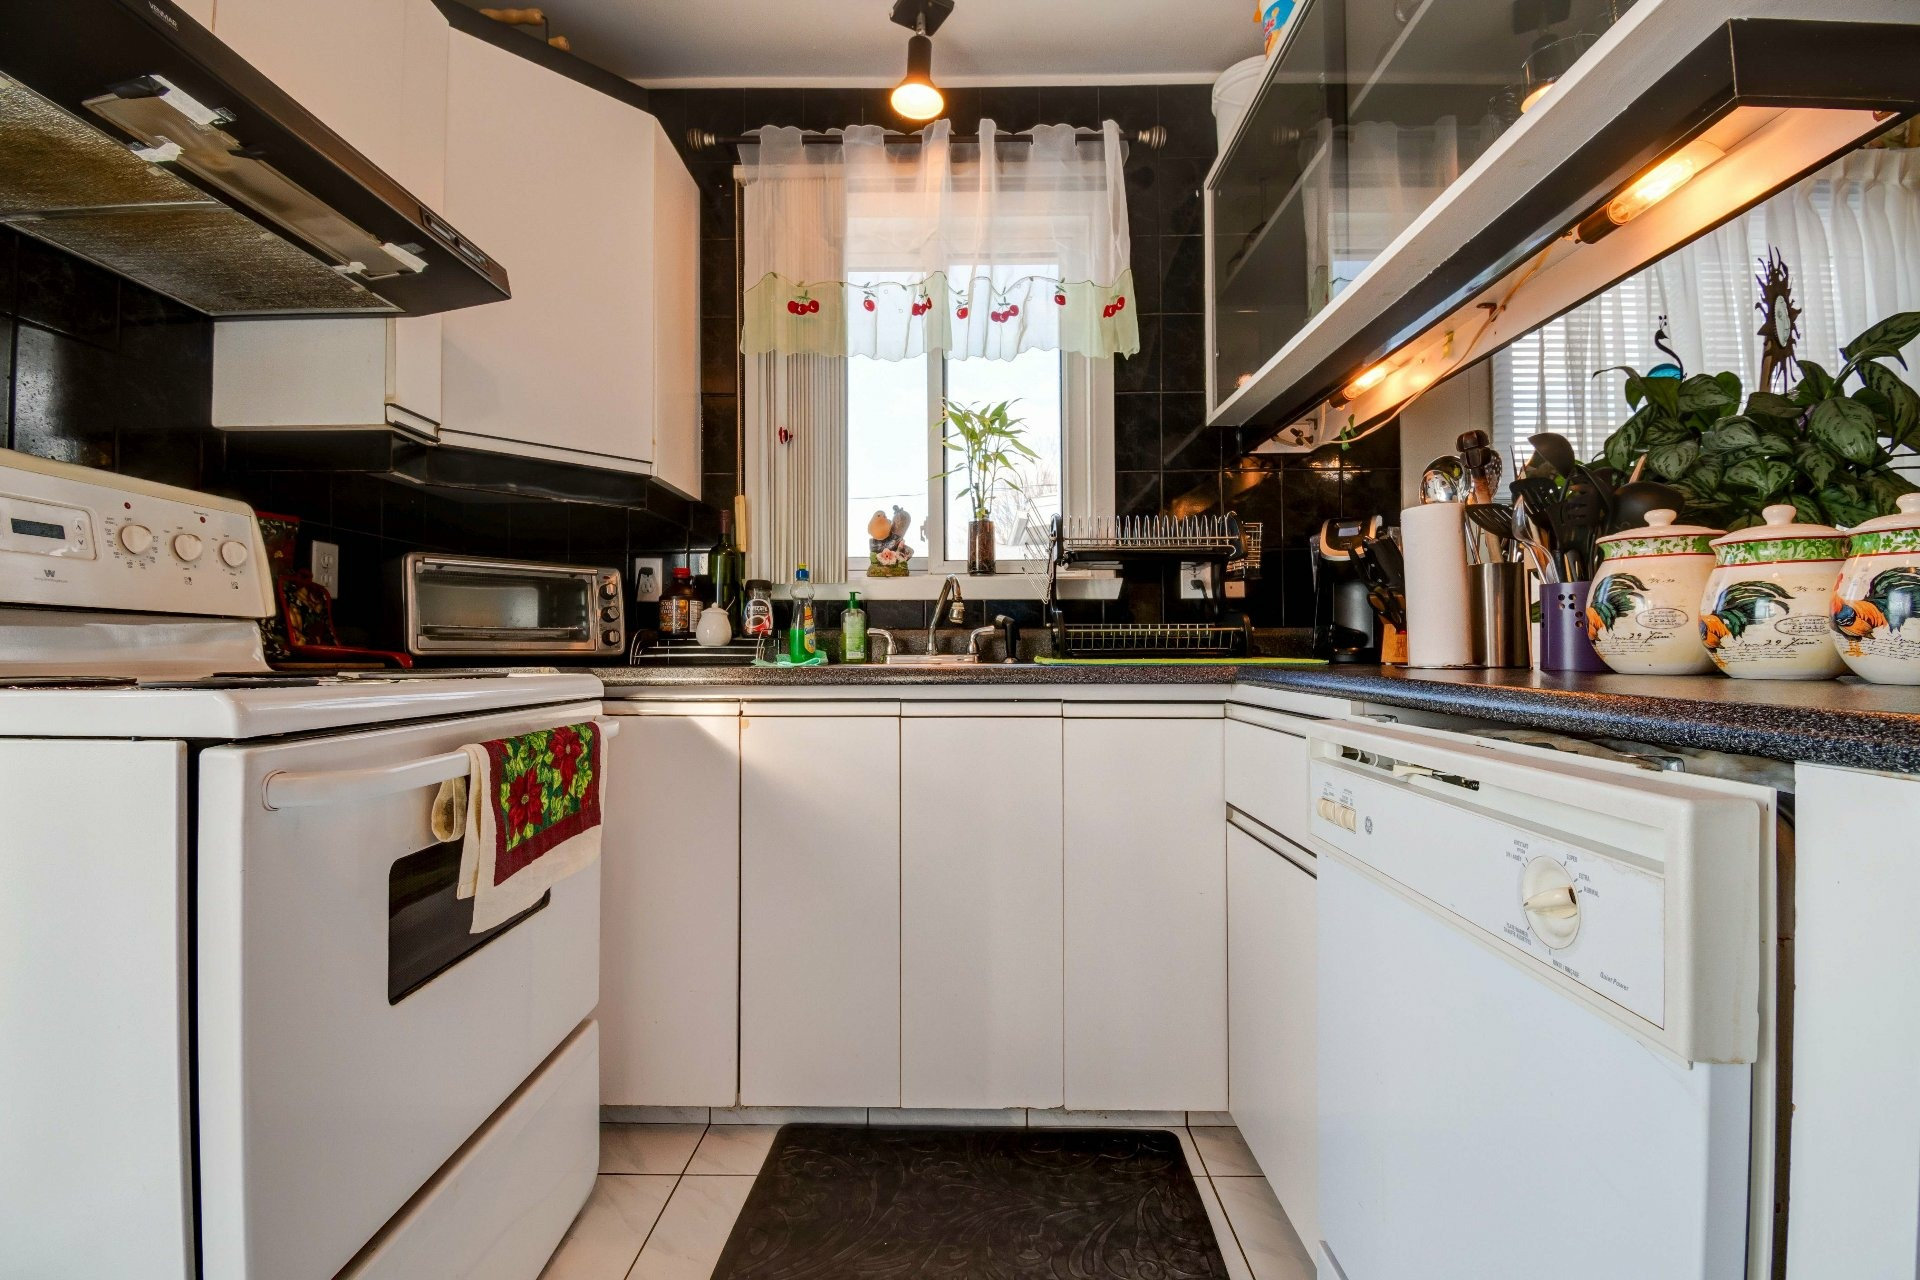 image 5 - Duplex À vendre Trois-Rivières - 6 pièces